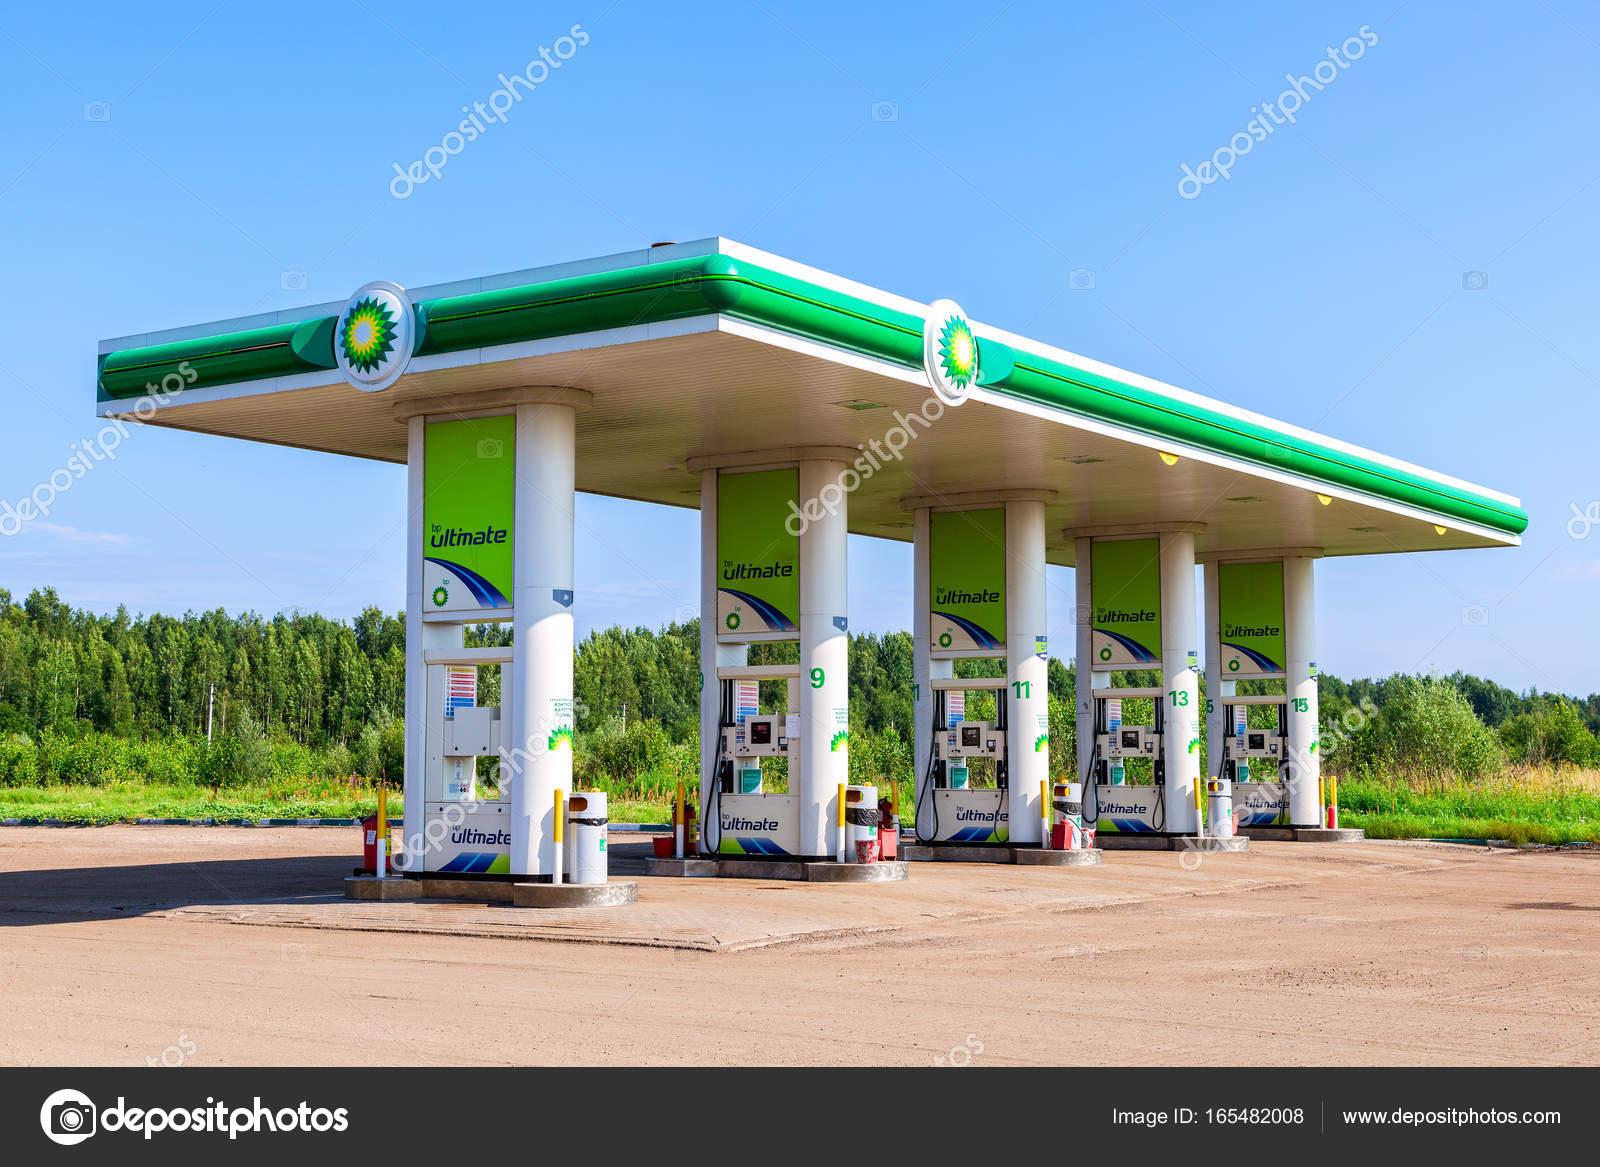 Bp 或英国石油加油站在夏季的一...